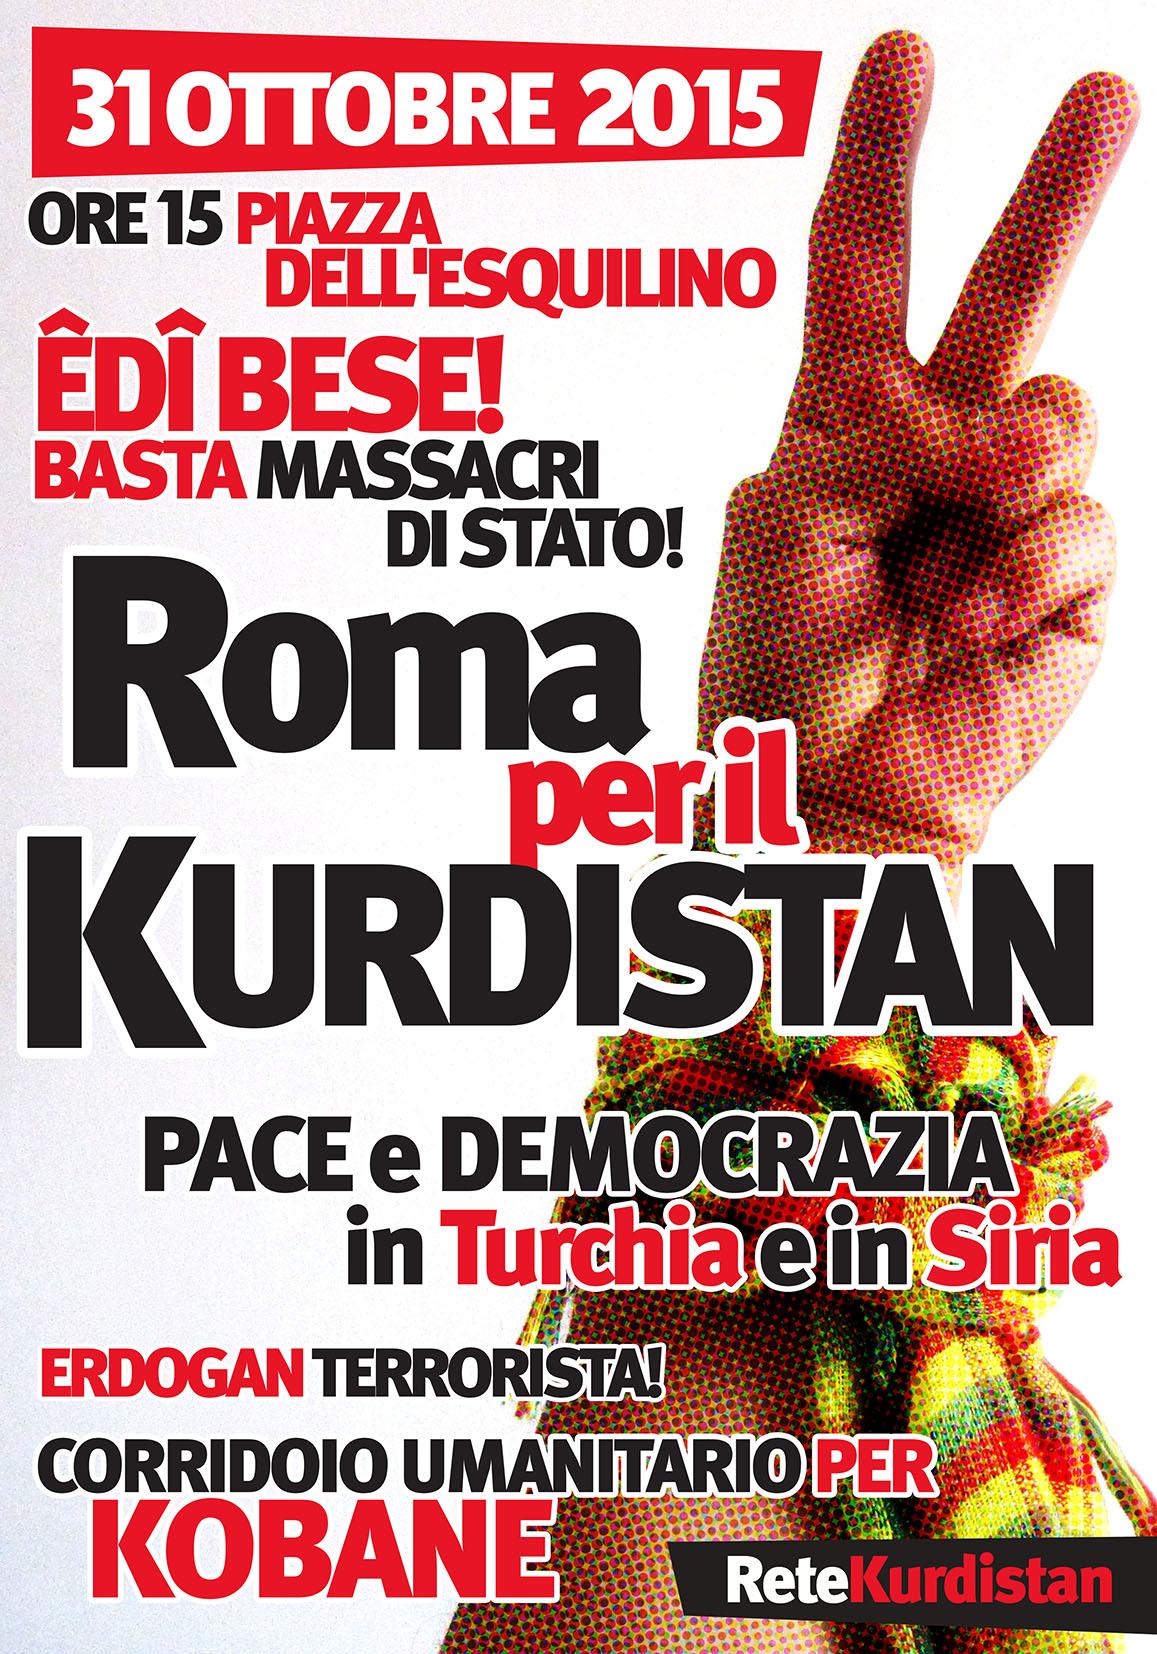 RomaperKurdistan